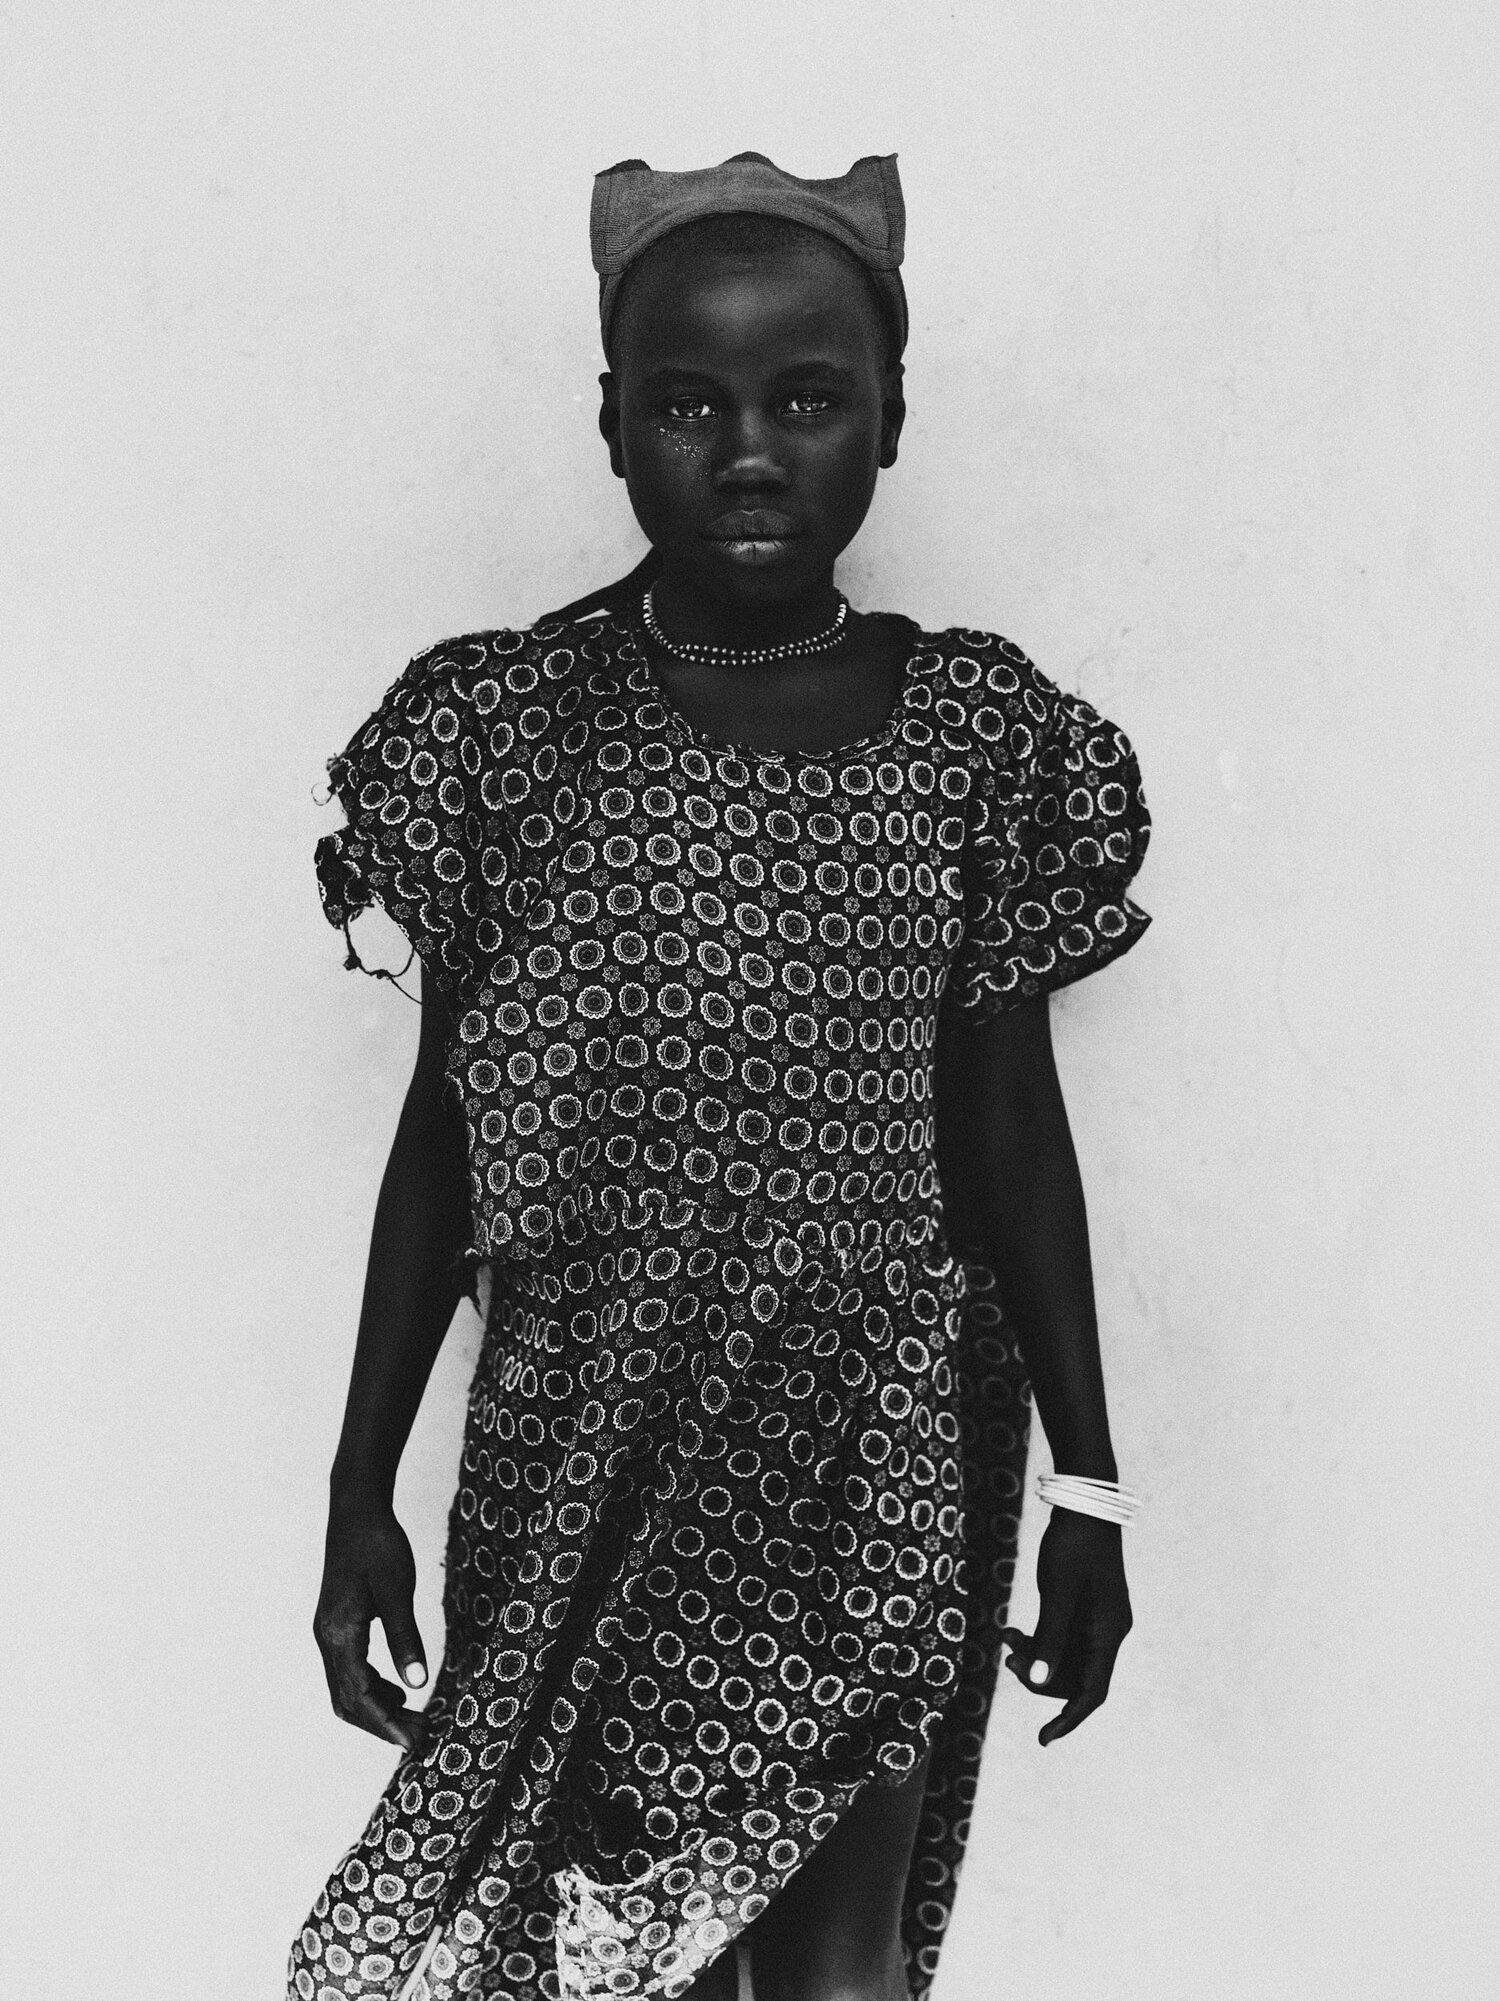 Black & White Fotografie von Bastiaan Woudt, Mädchen, Uganda, Porträt, Afrika, aus seiner Serie Mukono